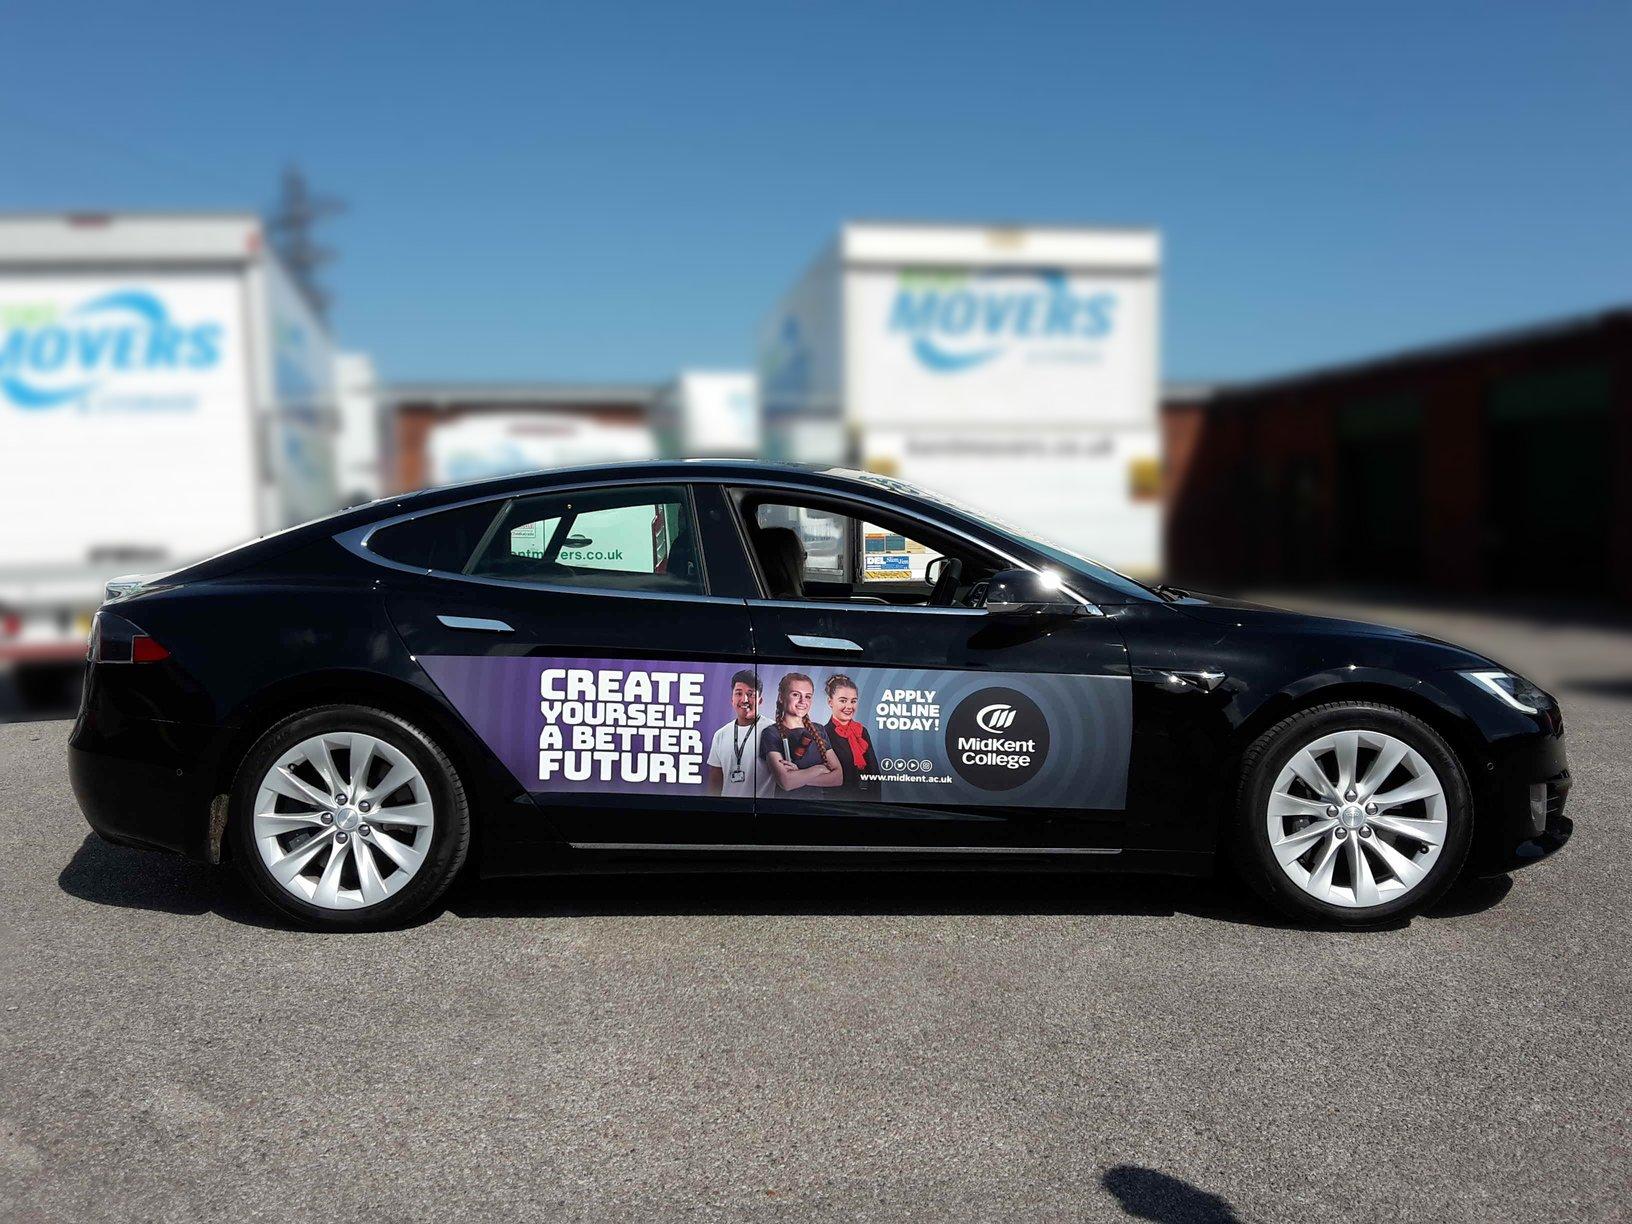 Car Quids - Midkent College Tesla